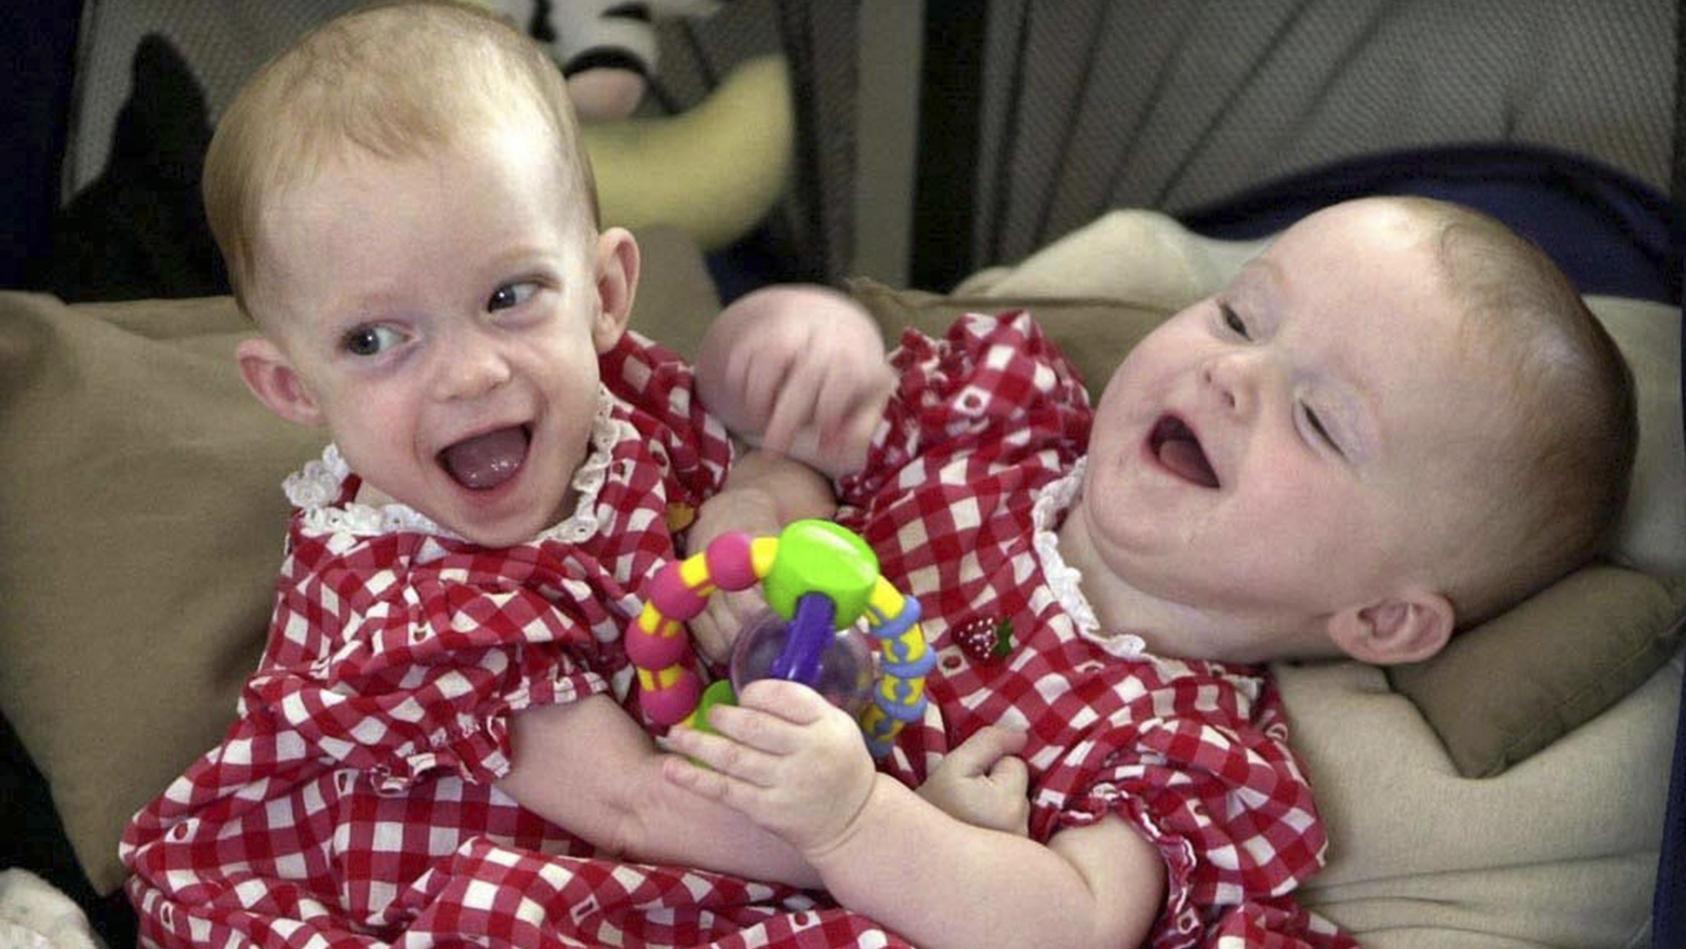 Siamesische Zwillinge Charity und Kathleen im August 2000.